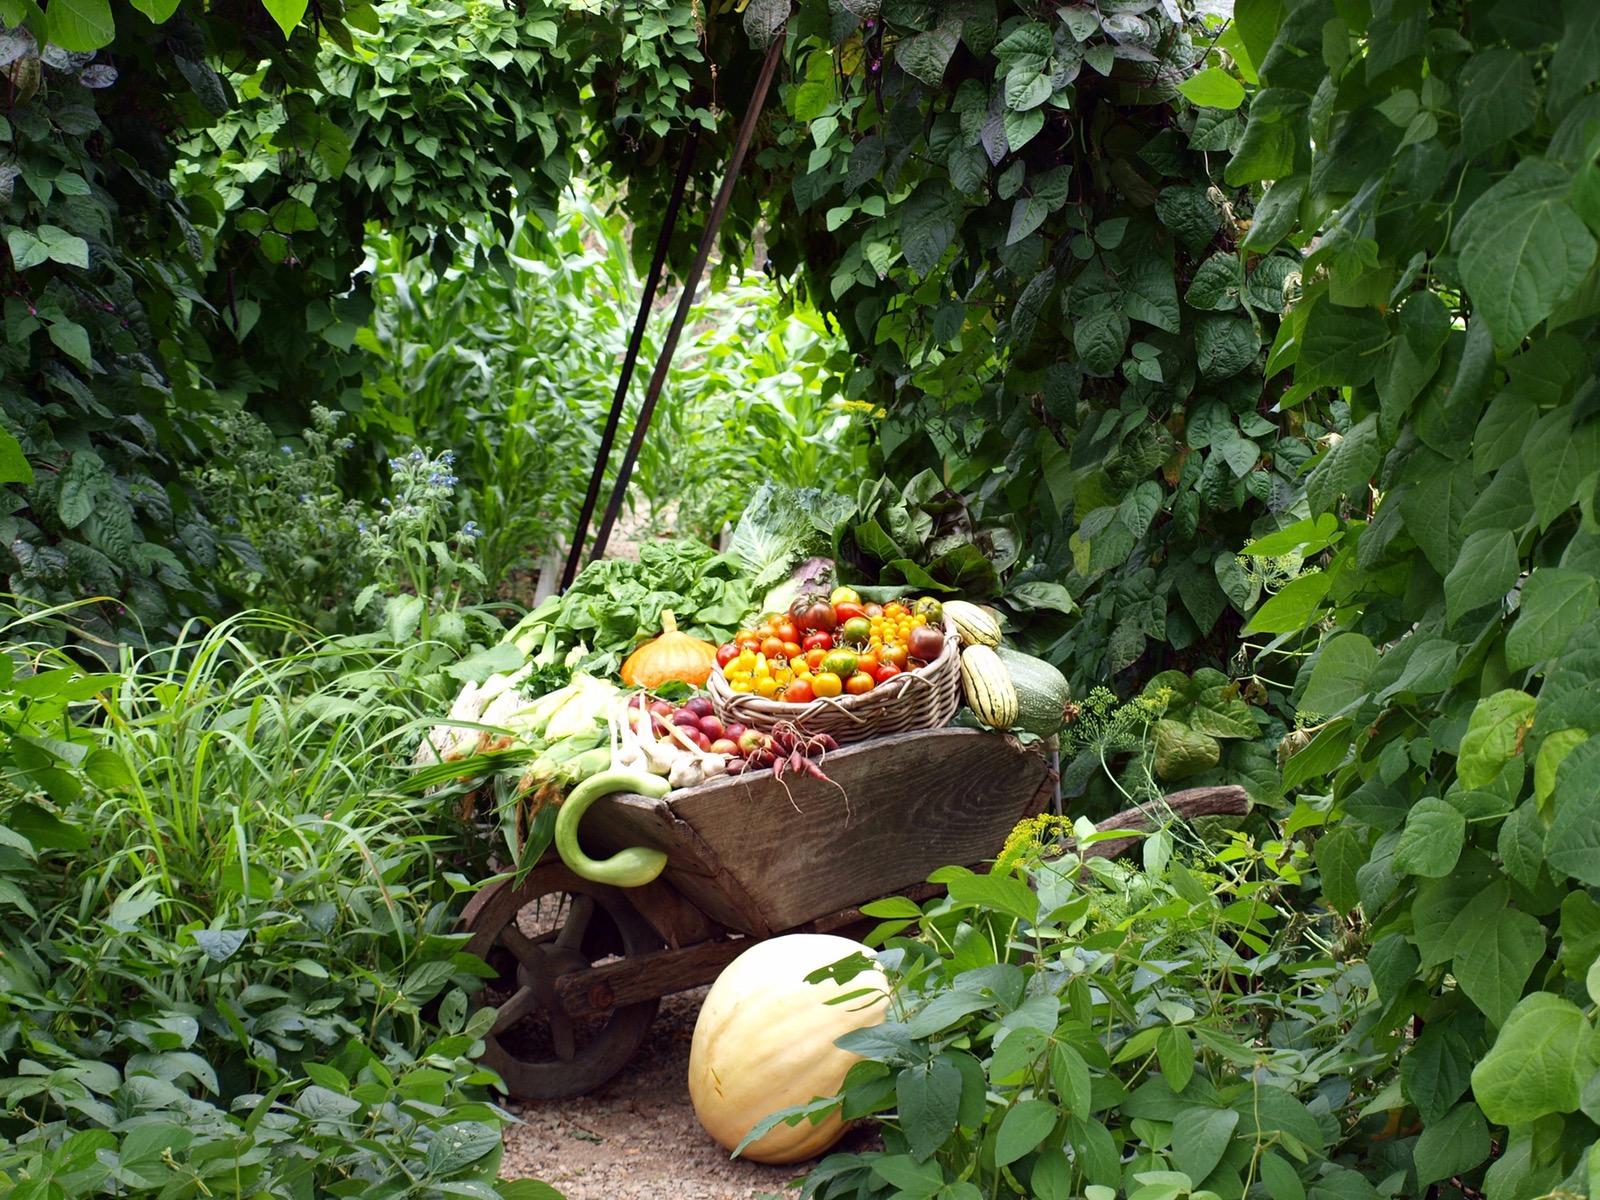 Wheelbarrow full of produce